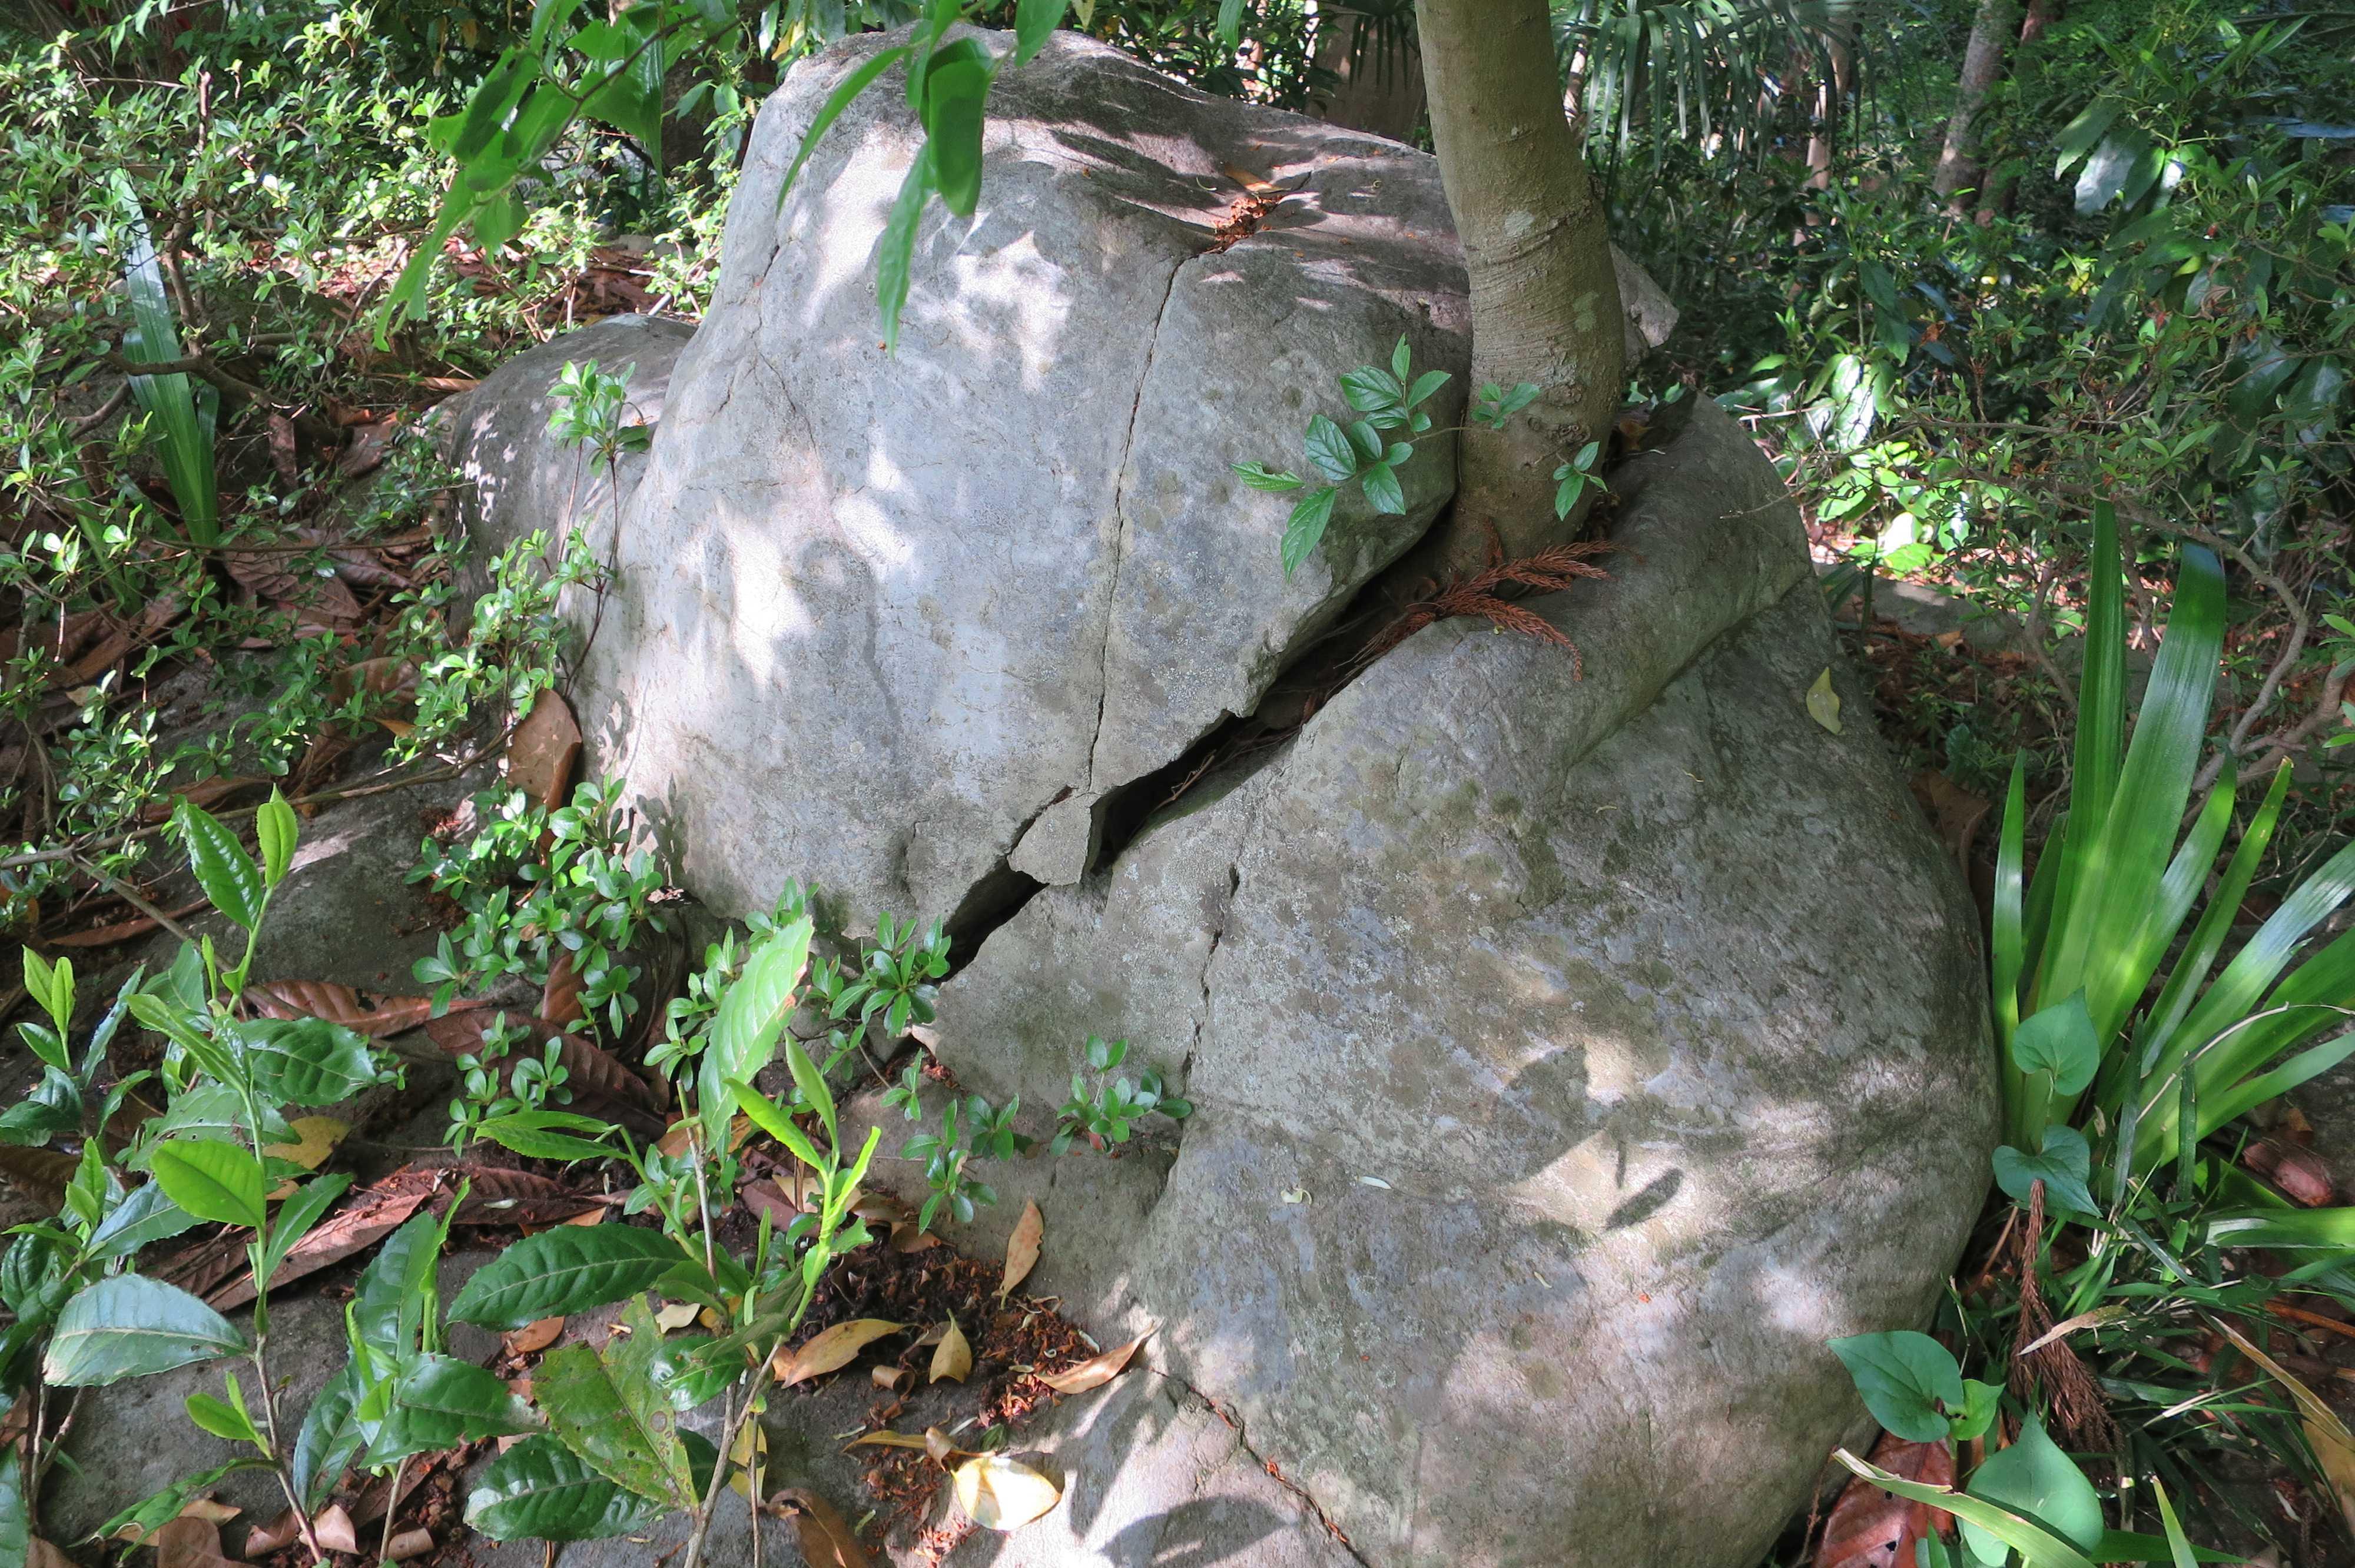 石を割って生えている木 - 王禅寺